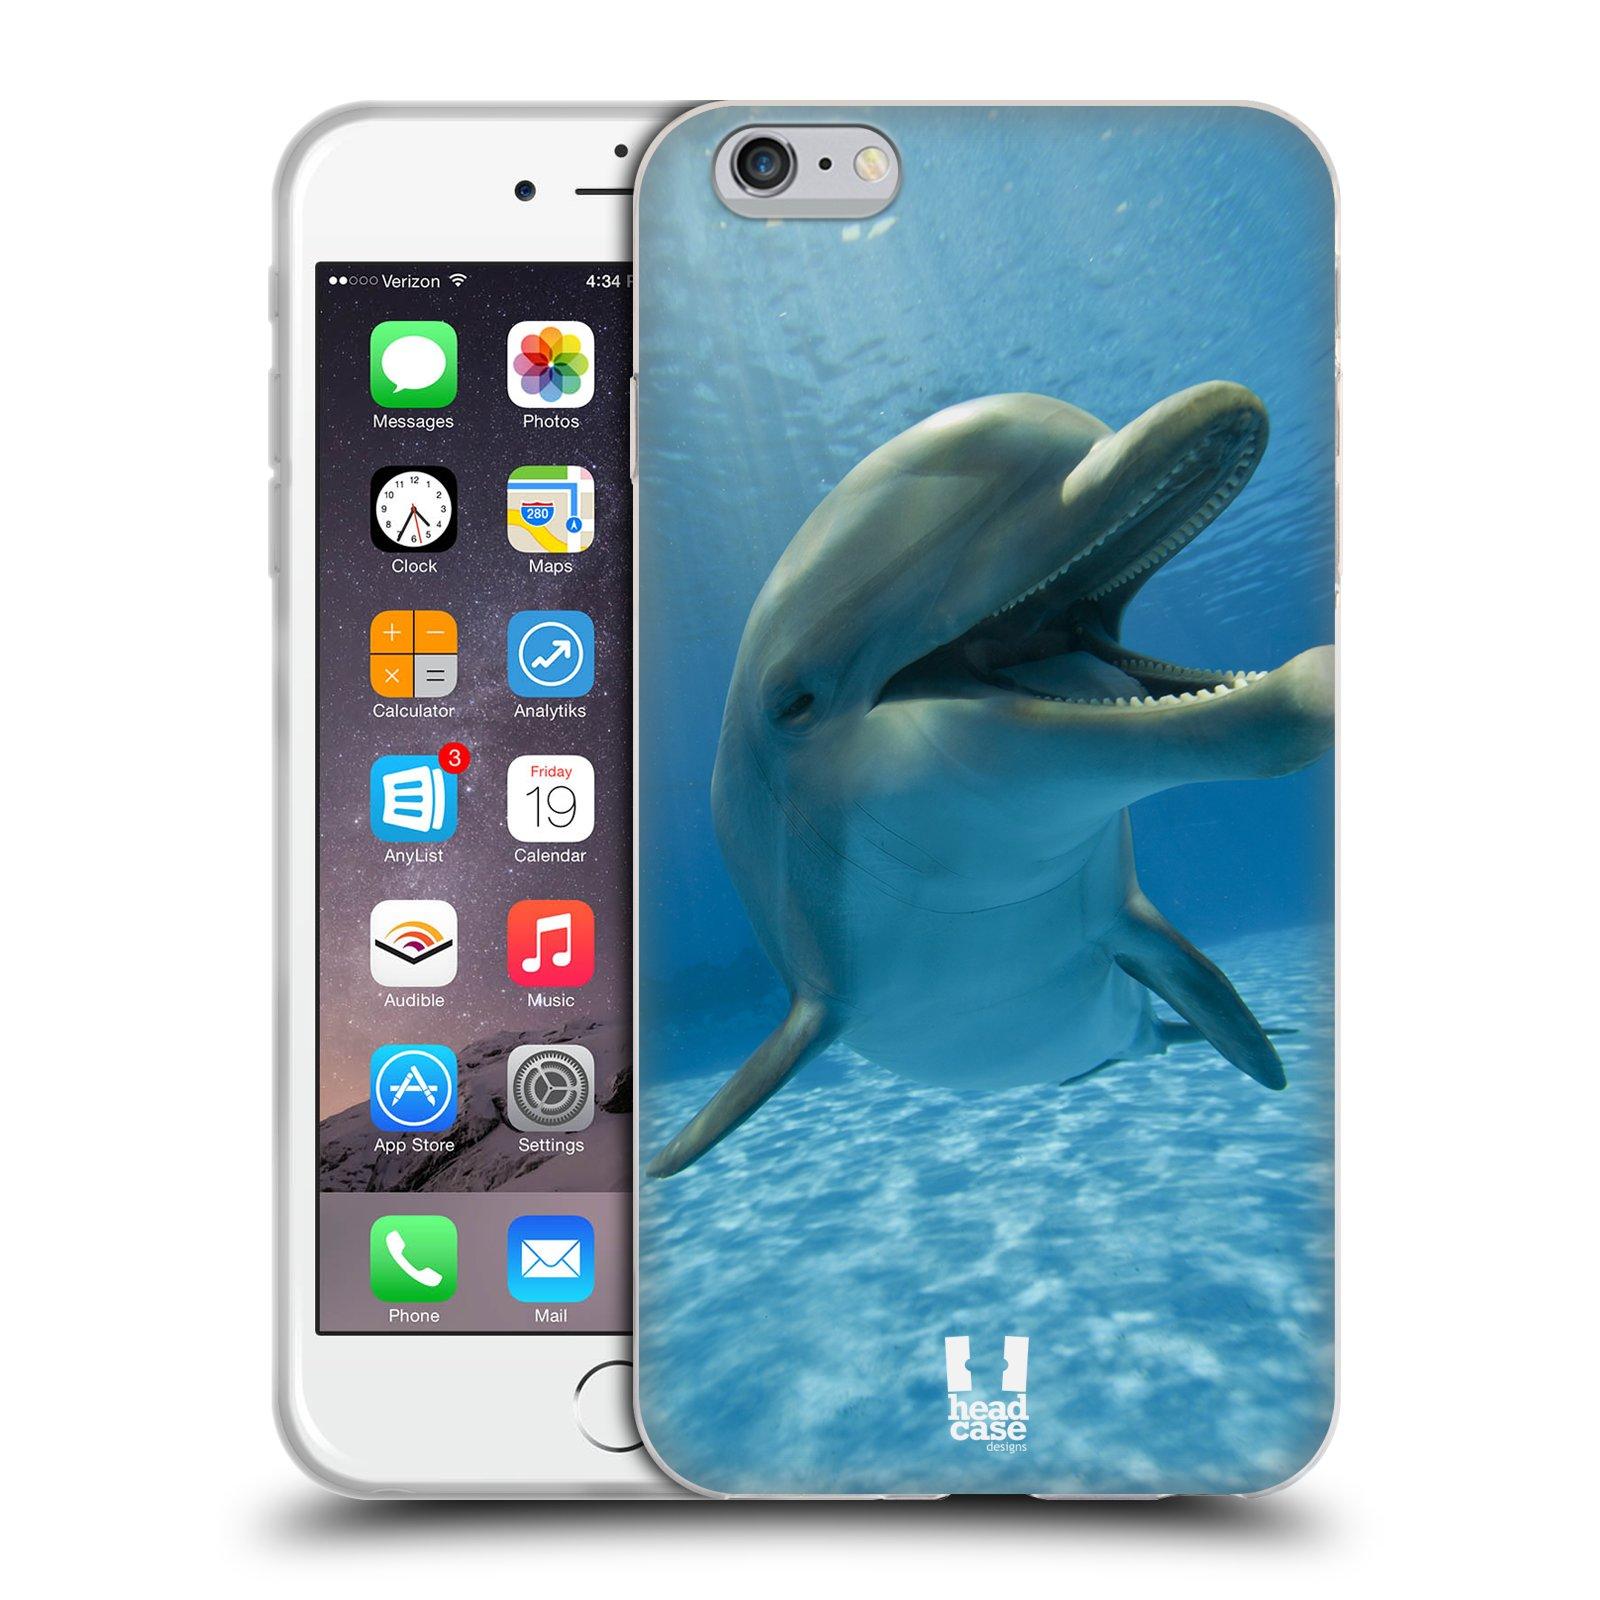 HEAD CASE silikonový obal na mobil Apple Iphone 6 PLUS/ 6S PLUS vzor Divočina, Divoký život a zvířata foto MODRÁ DELFÍN